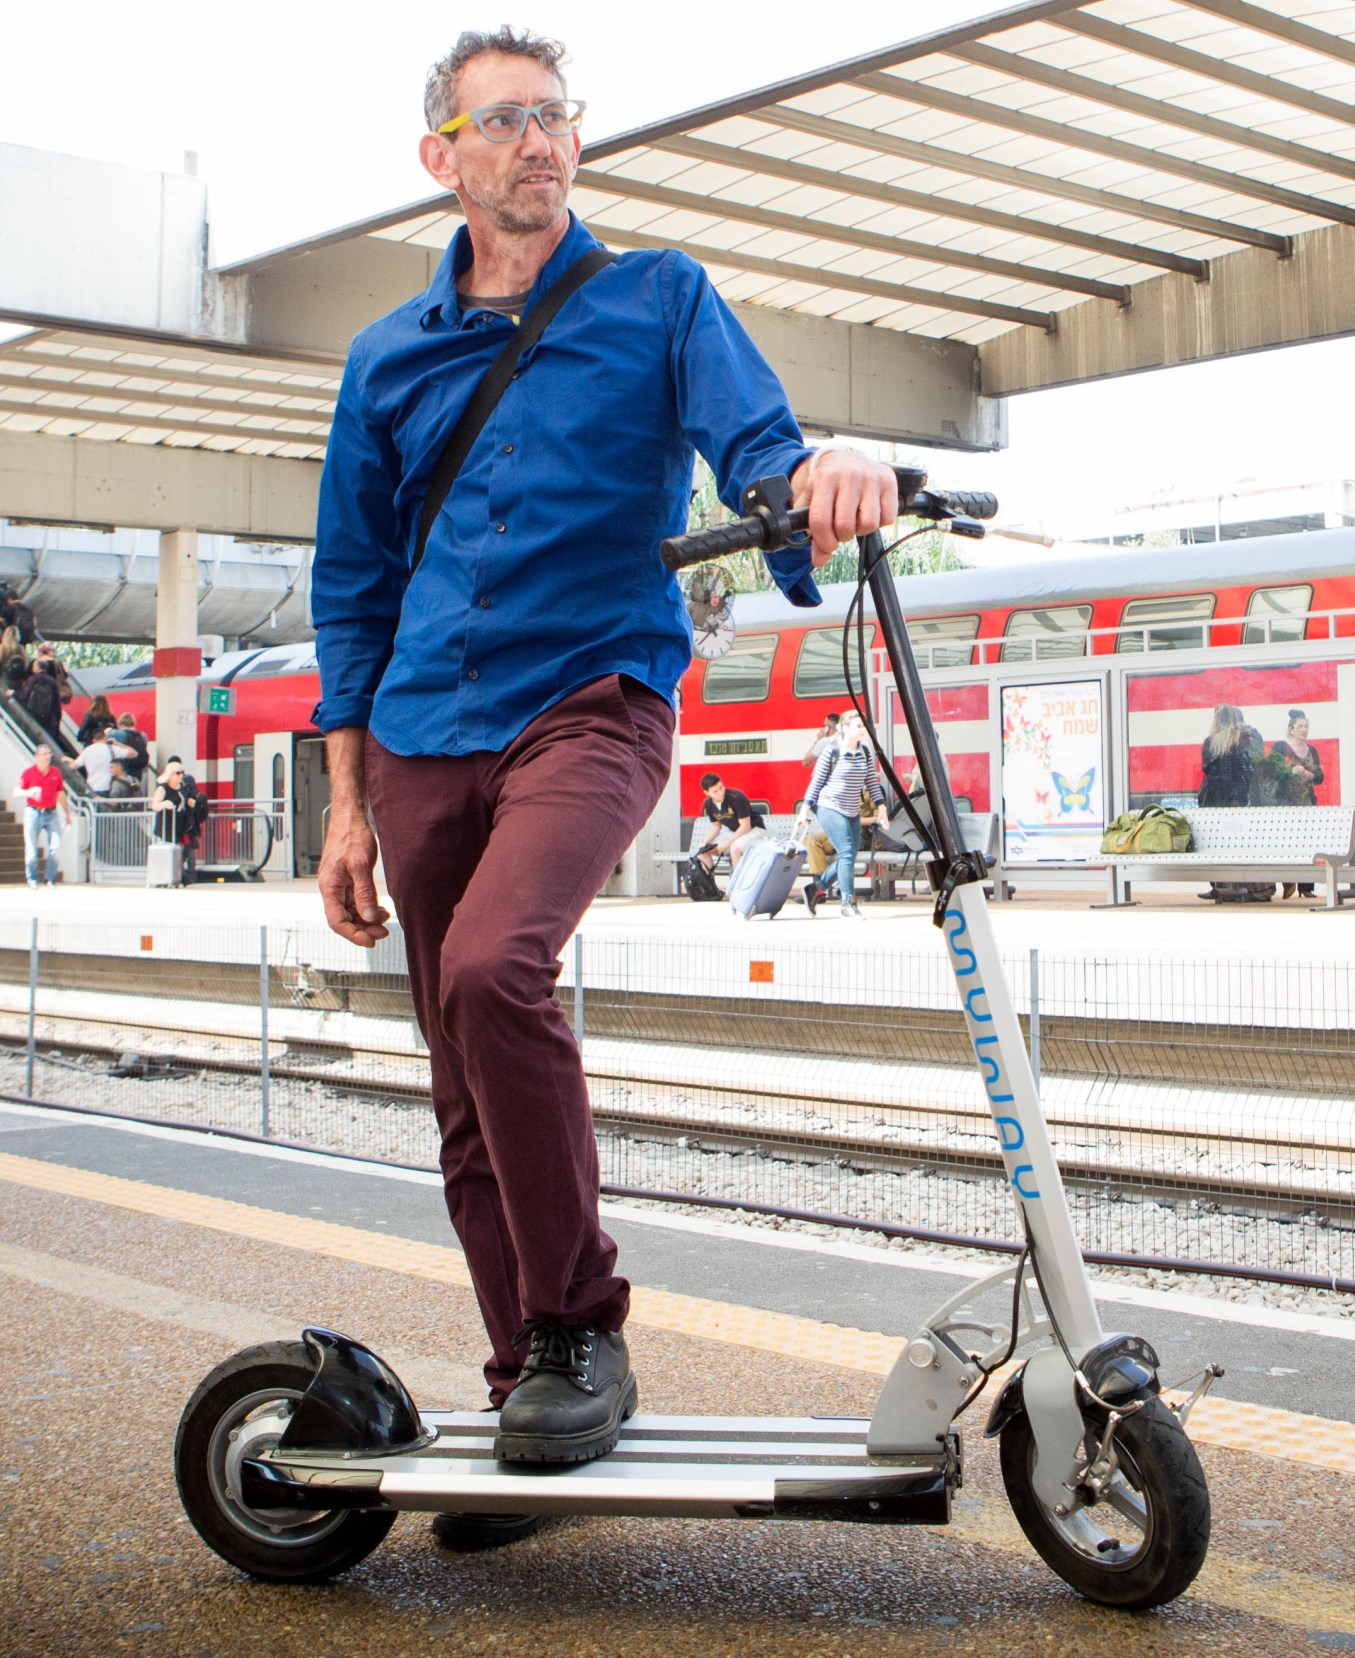 El diseñador de Inokim, Nimrod Sapir, con una de sus scooters en una estación de tren en Israel. Foto de Shlomi Yosef.